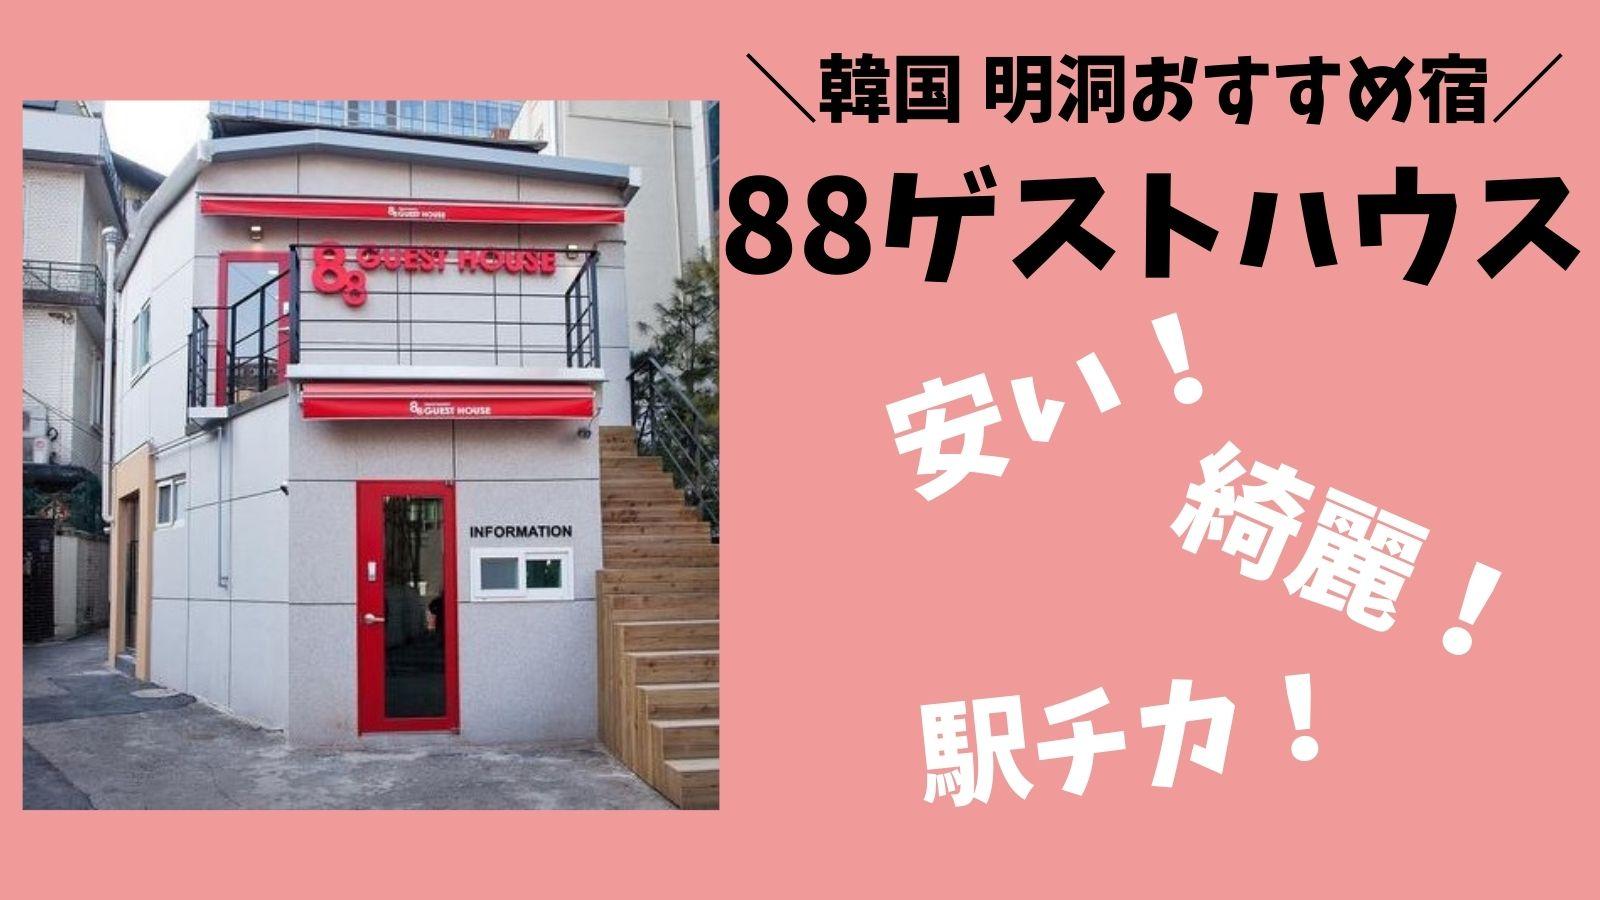 88ゲストハウス明洞の口コミレビュー【安い!綺麗!韓国のおすすめ宿】